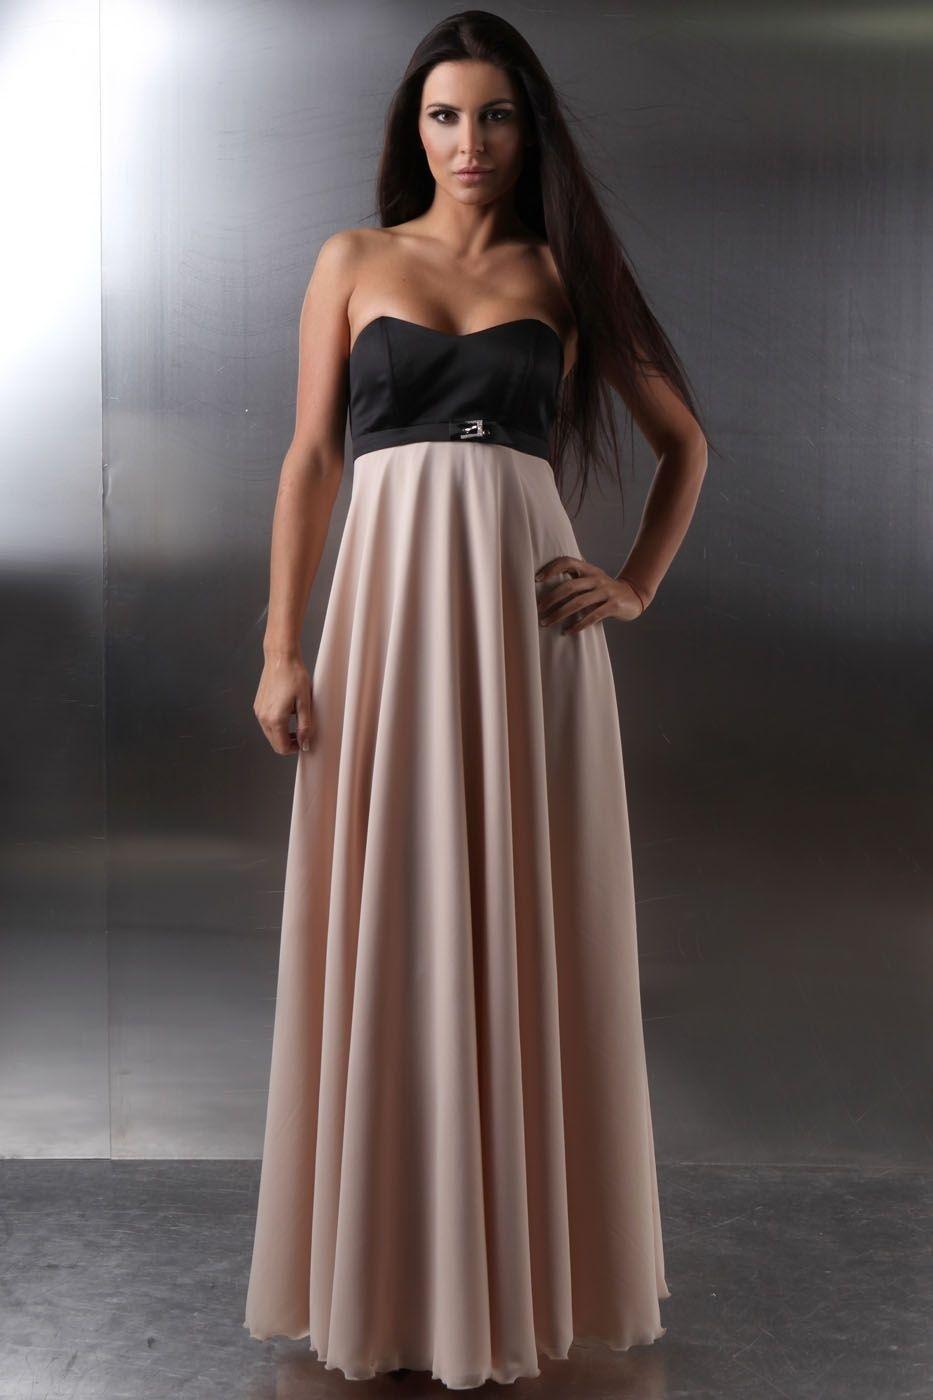 10 Genial Abendkleid Braun Bester PreisDesigner Perfekt Abendkleid Braun Boutique